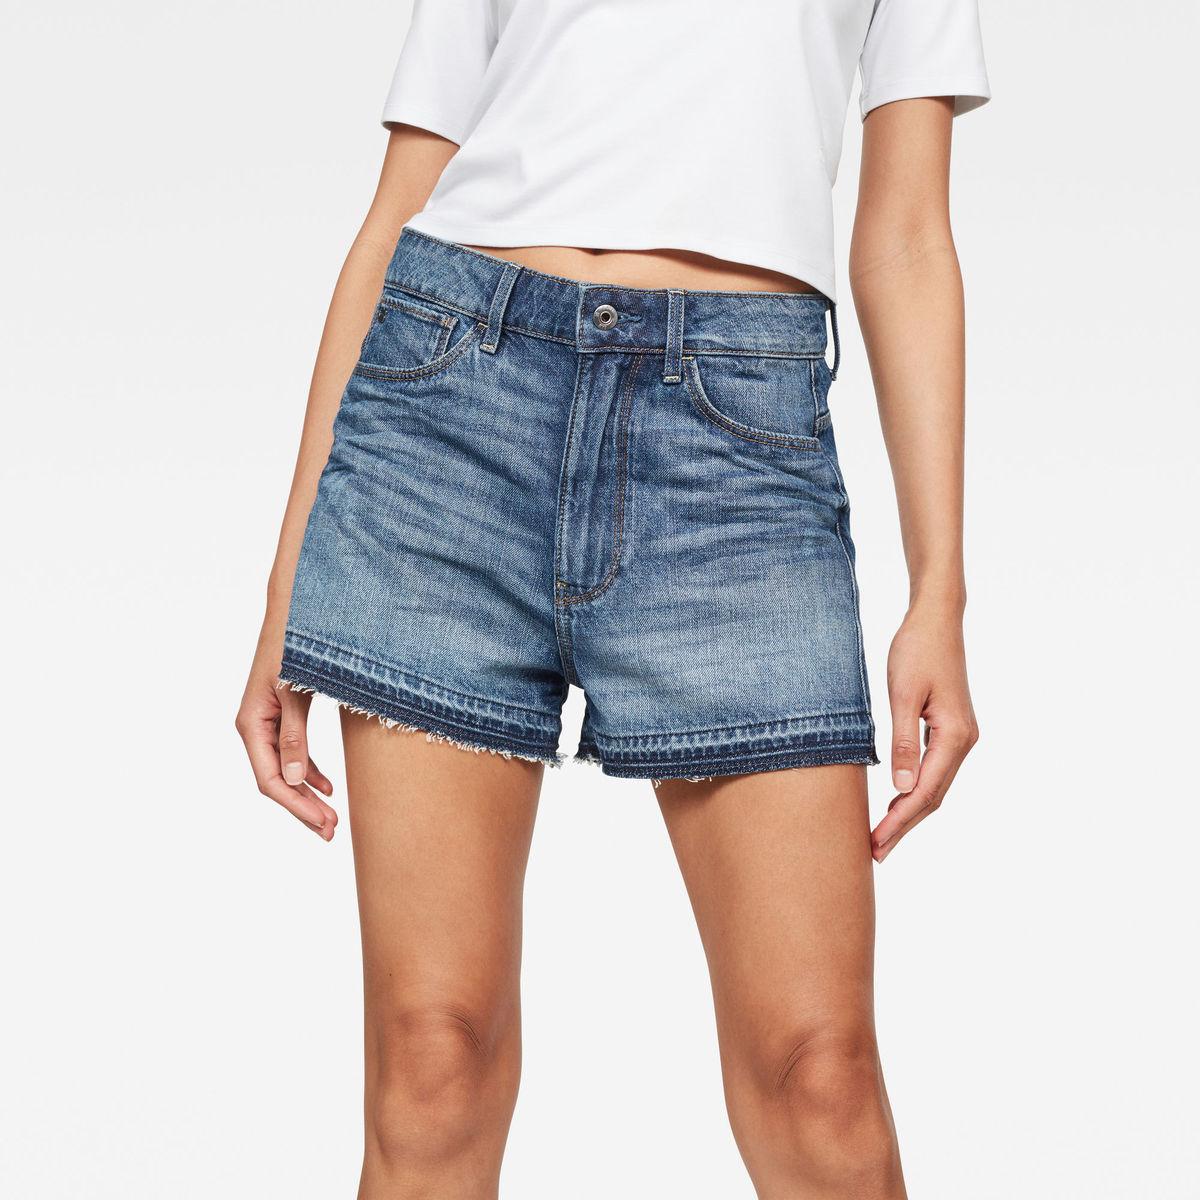 Bild 1 von Arc High waist Boyfriend Ripped Shorts